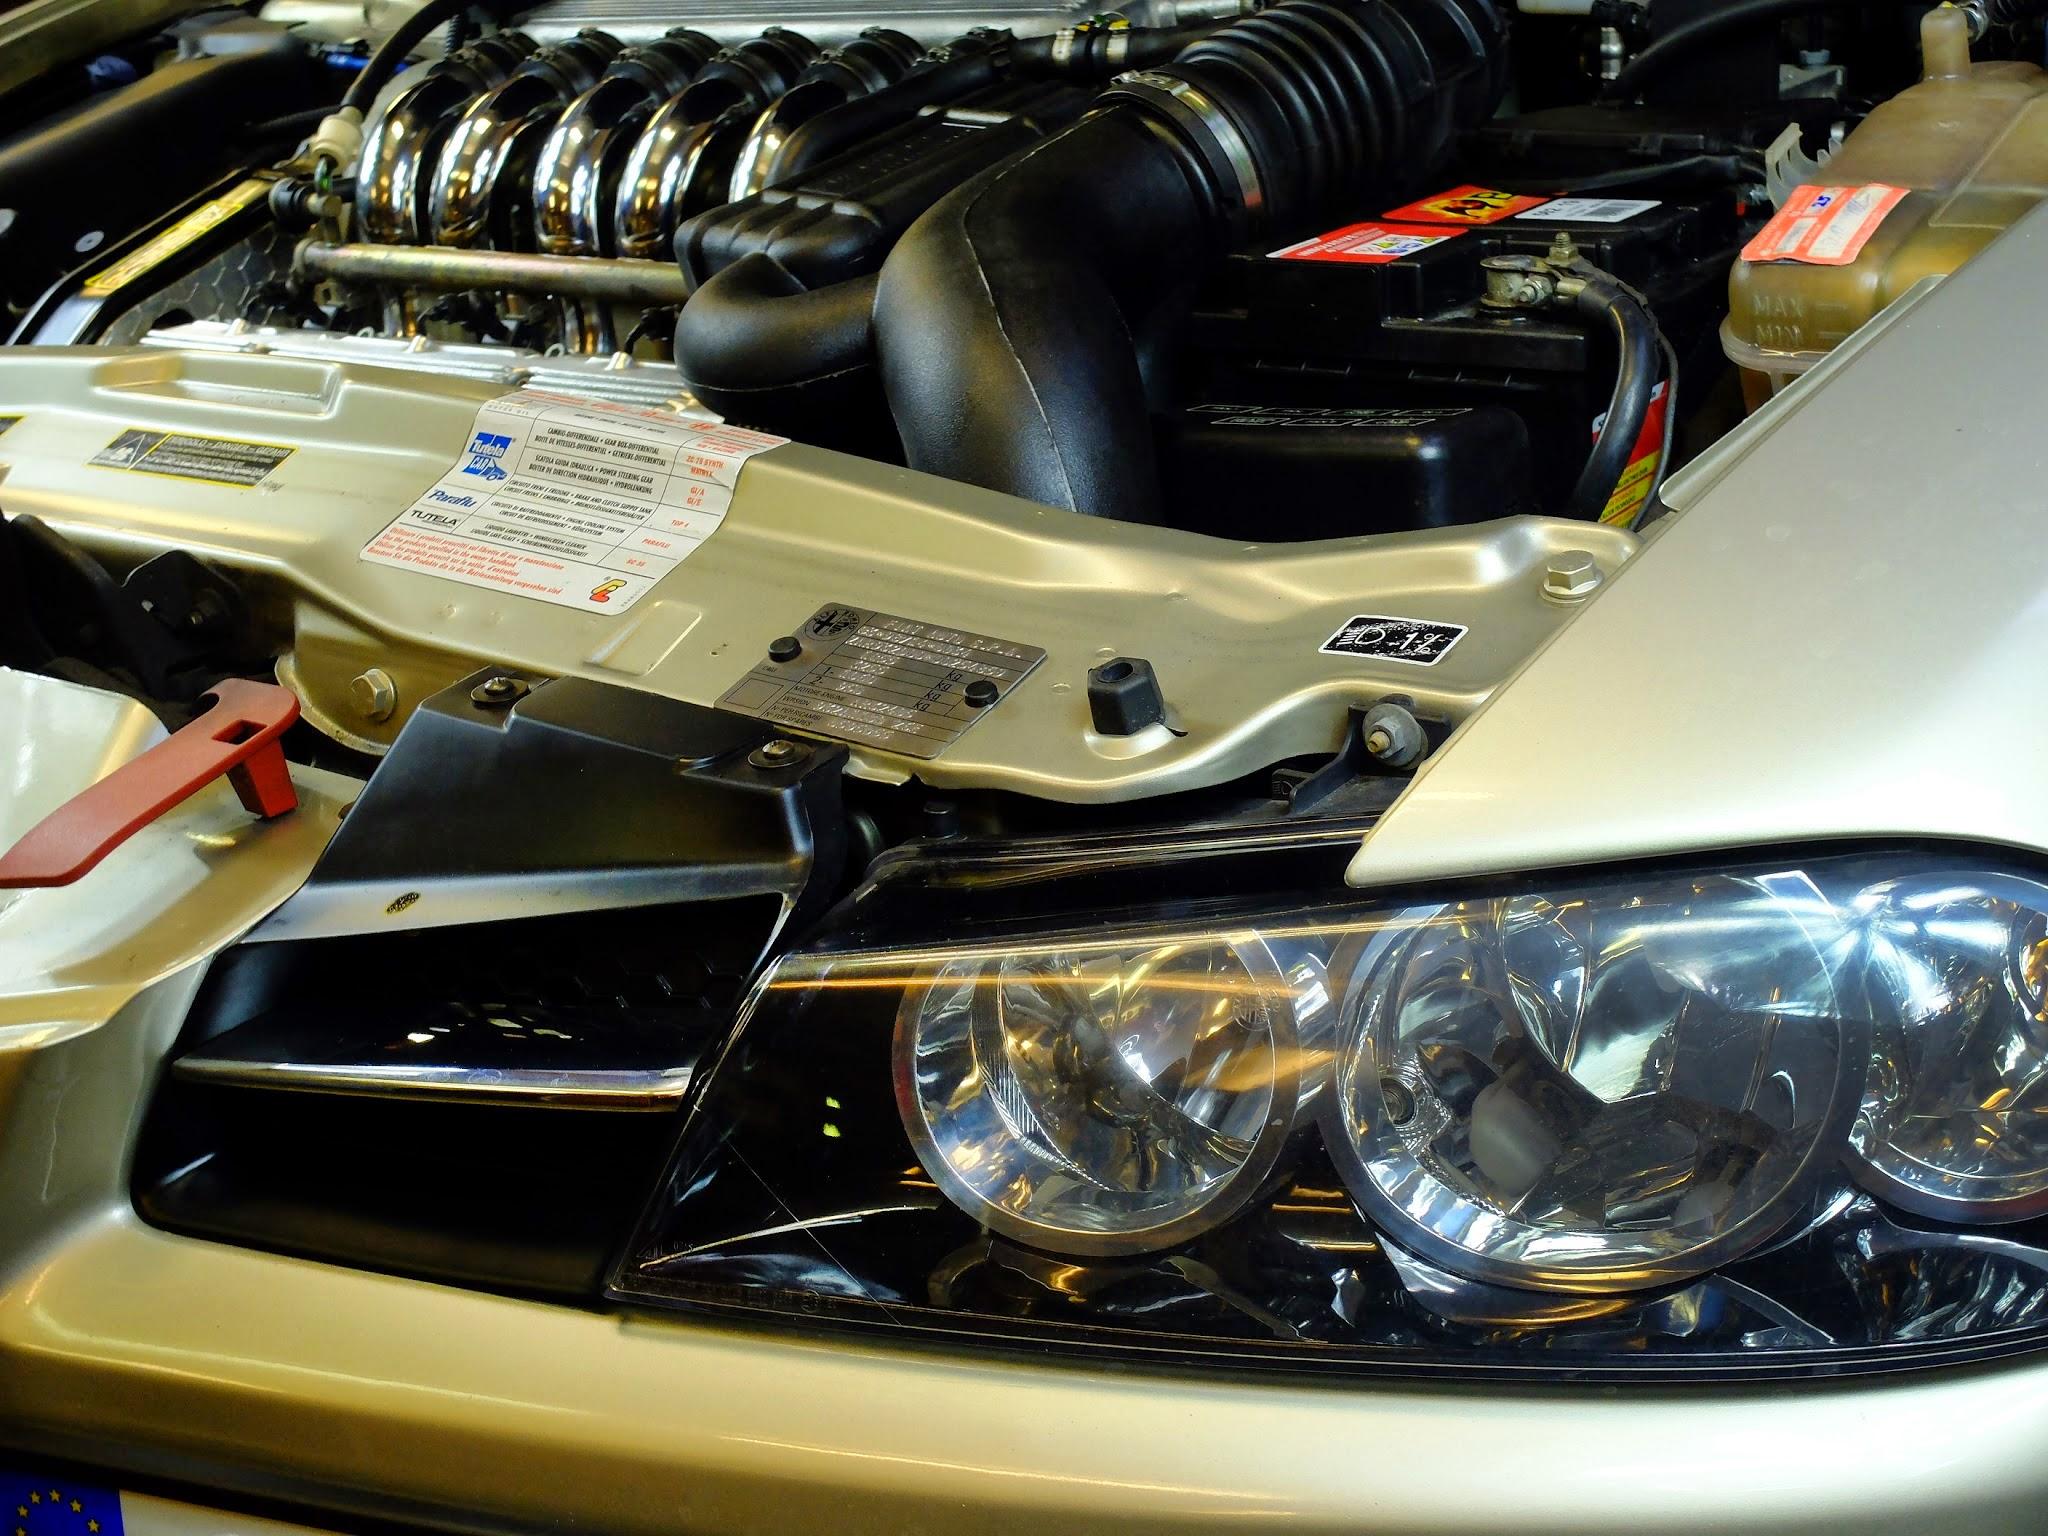 Autoservis Alfa Romeo Plzeň - fotogalerie automobilů Alfa Romeo